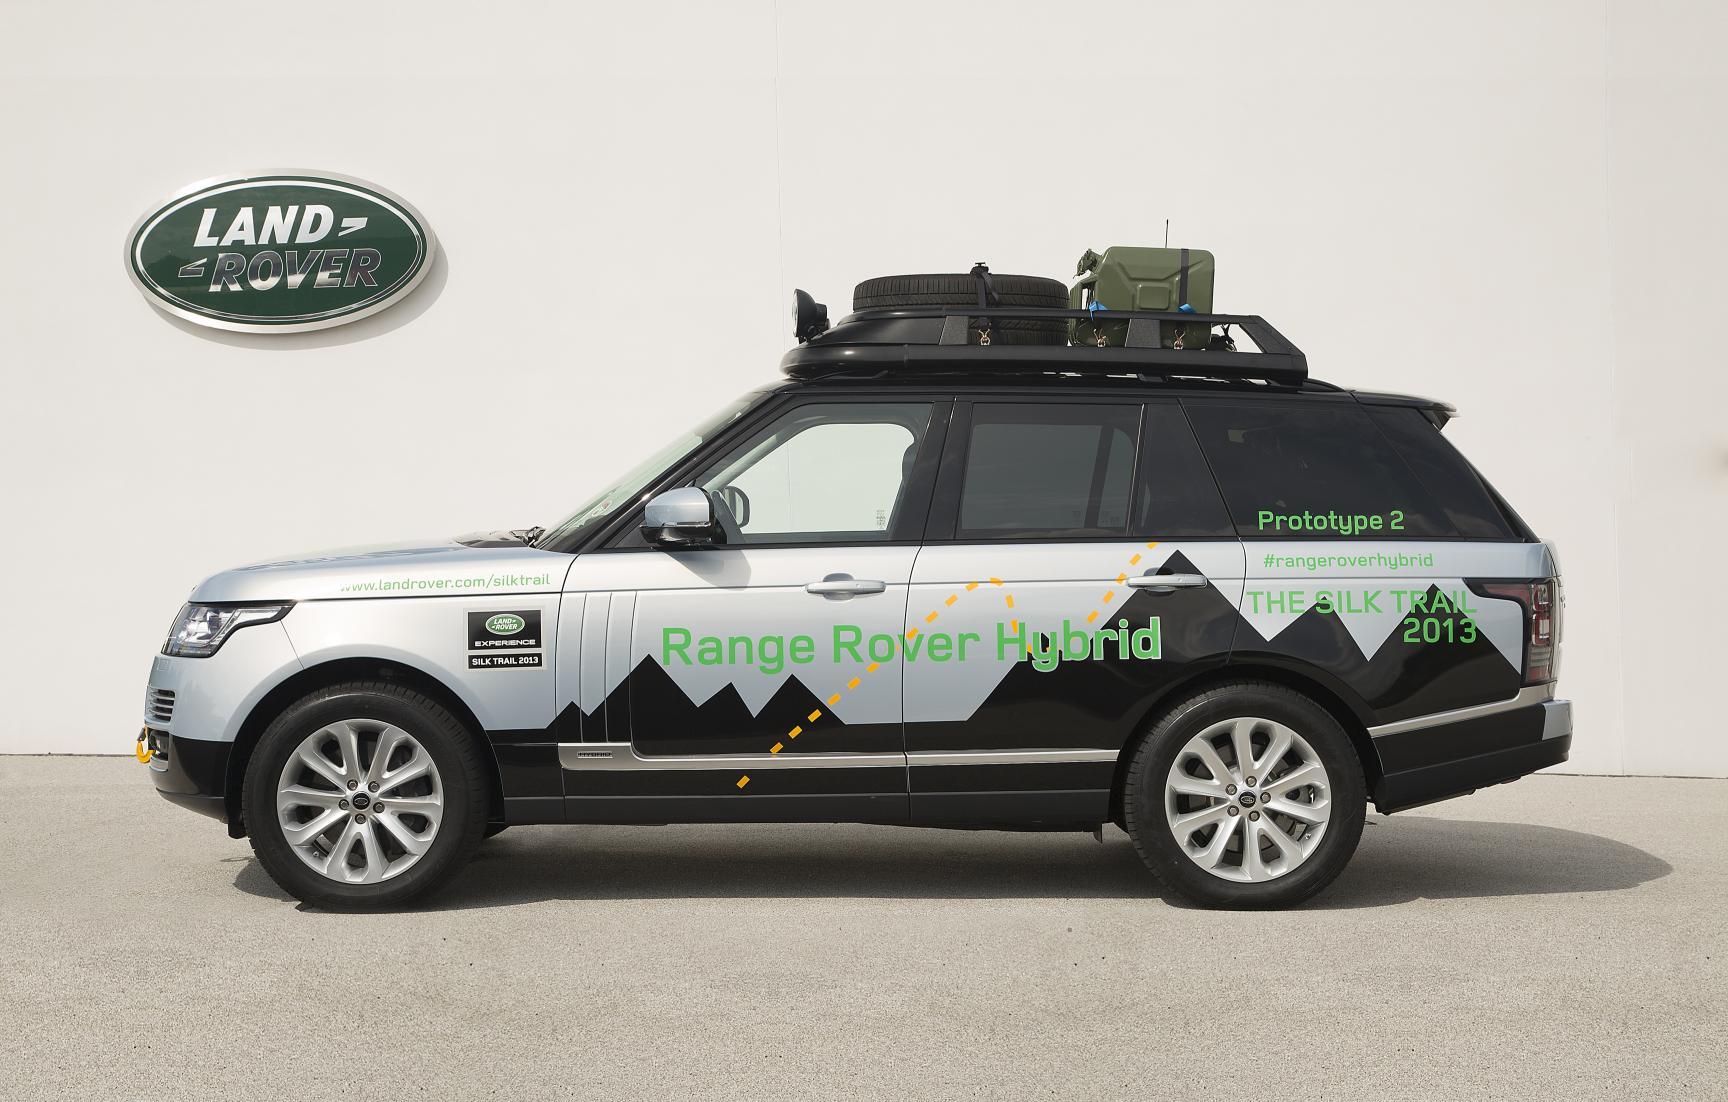 land rover unveils hybrid range rover models autoevolution. Black Bedroom Furniture Sets. Home Design Ideas